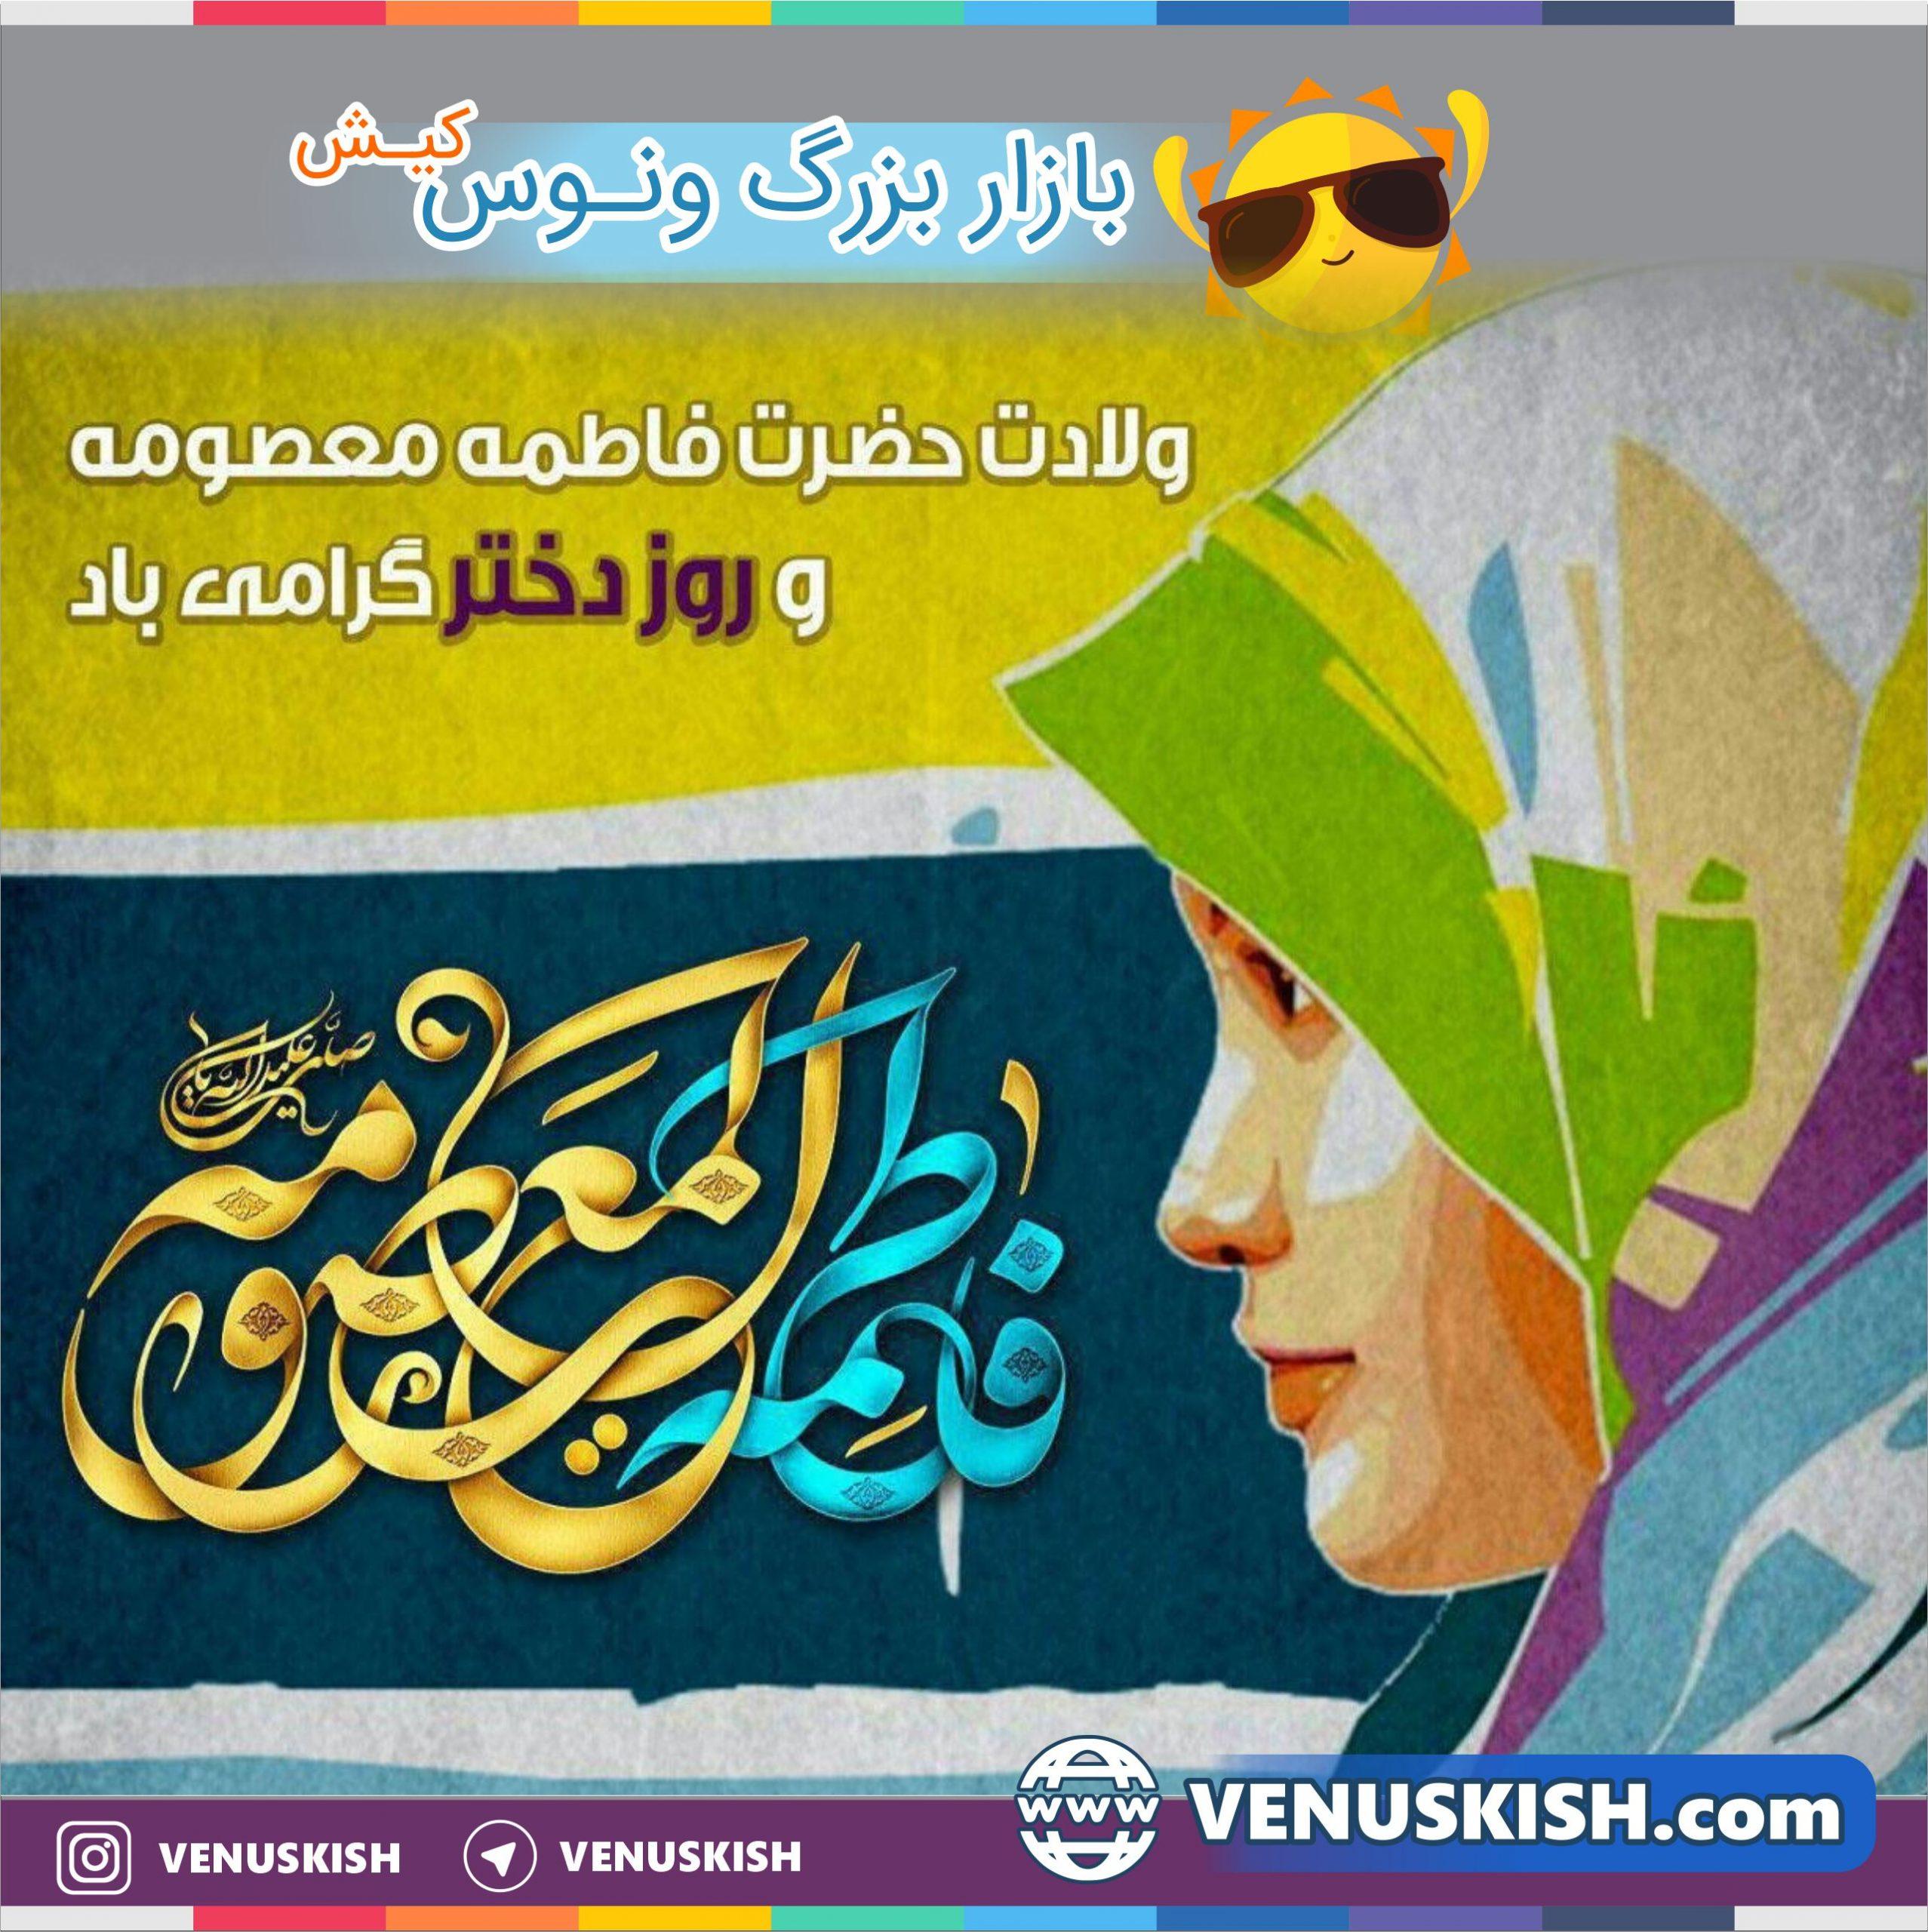 🌸 ولادت حضرت فاطمه معصومه (س) و روز دختر گرامی باد 🌸🎉🎊